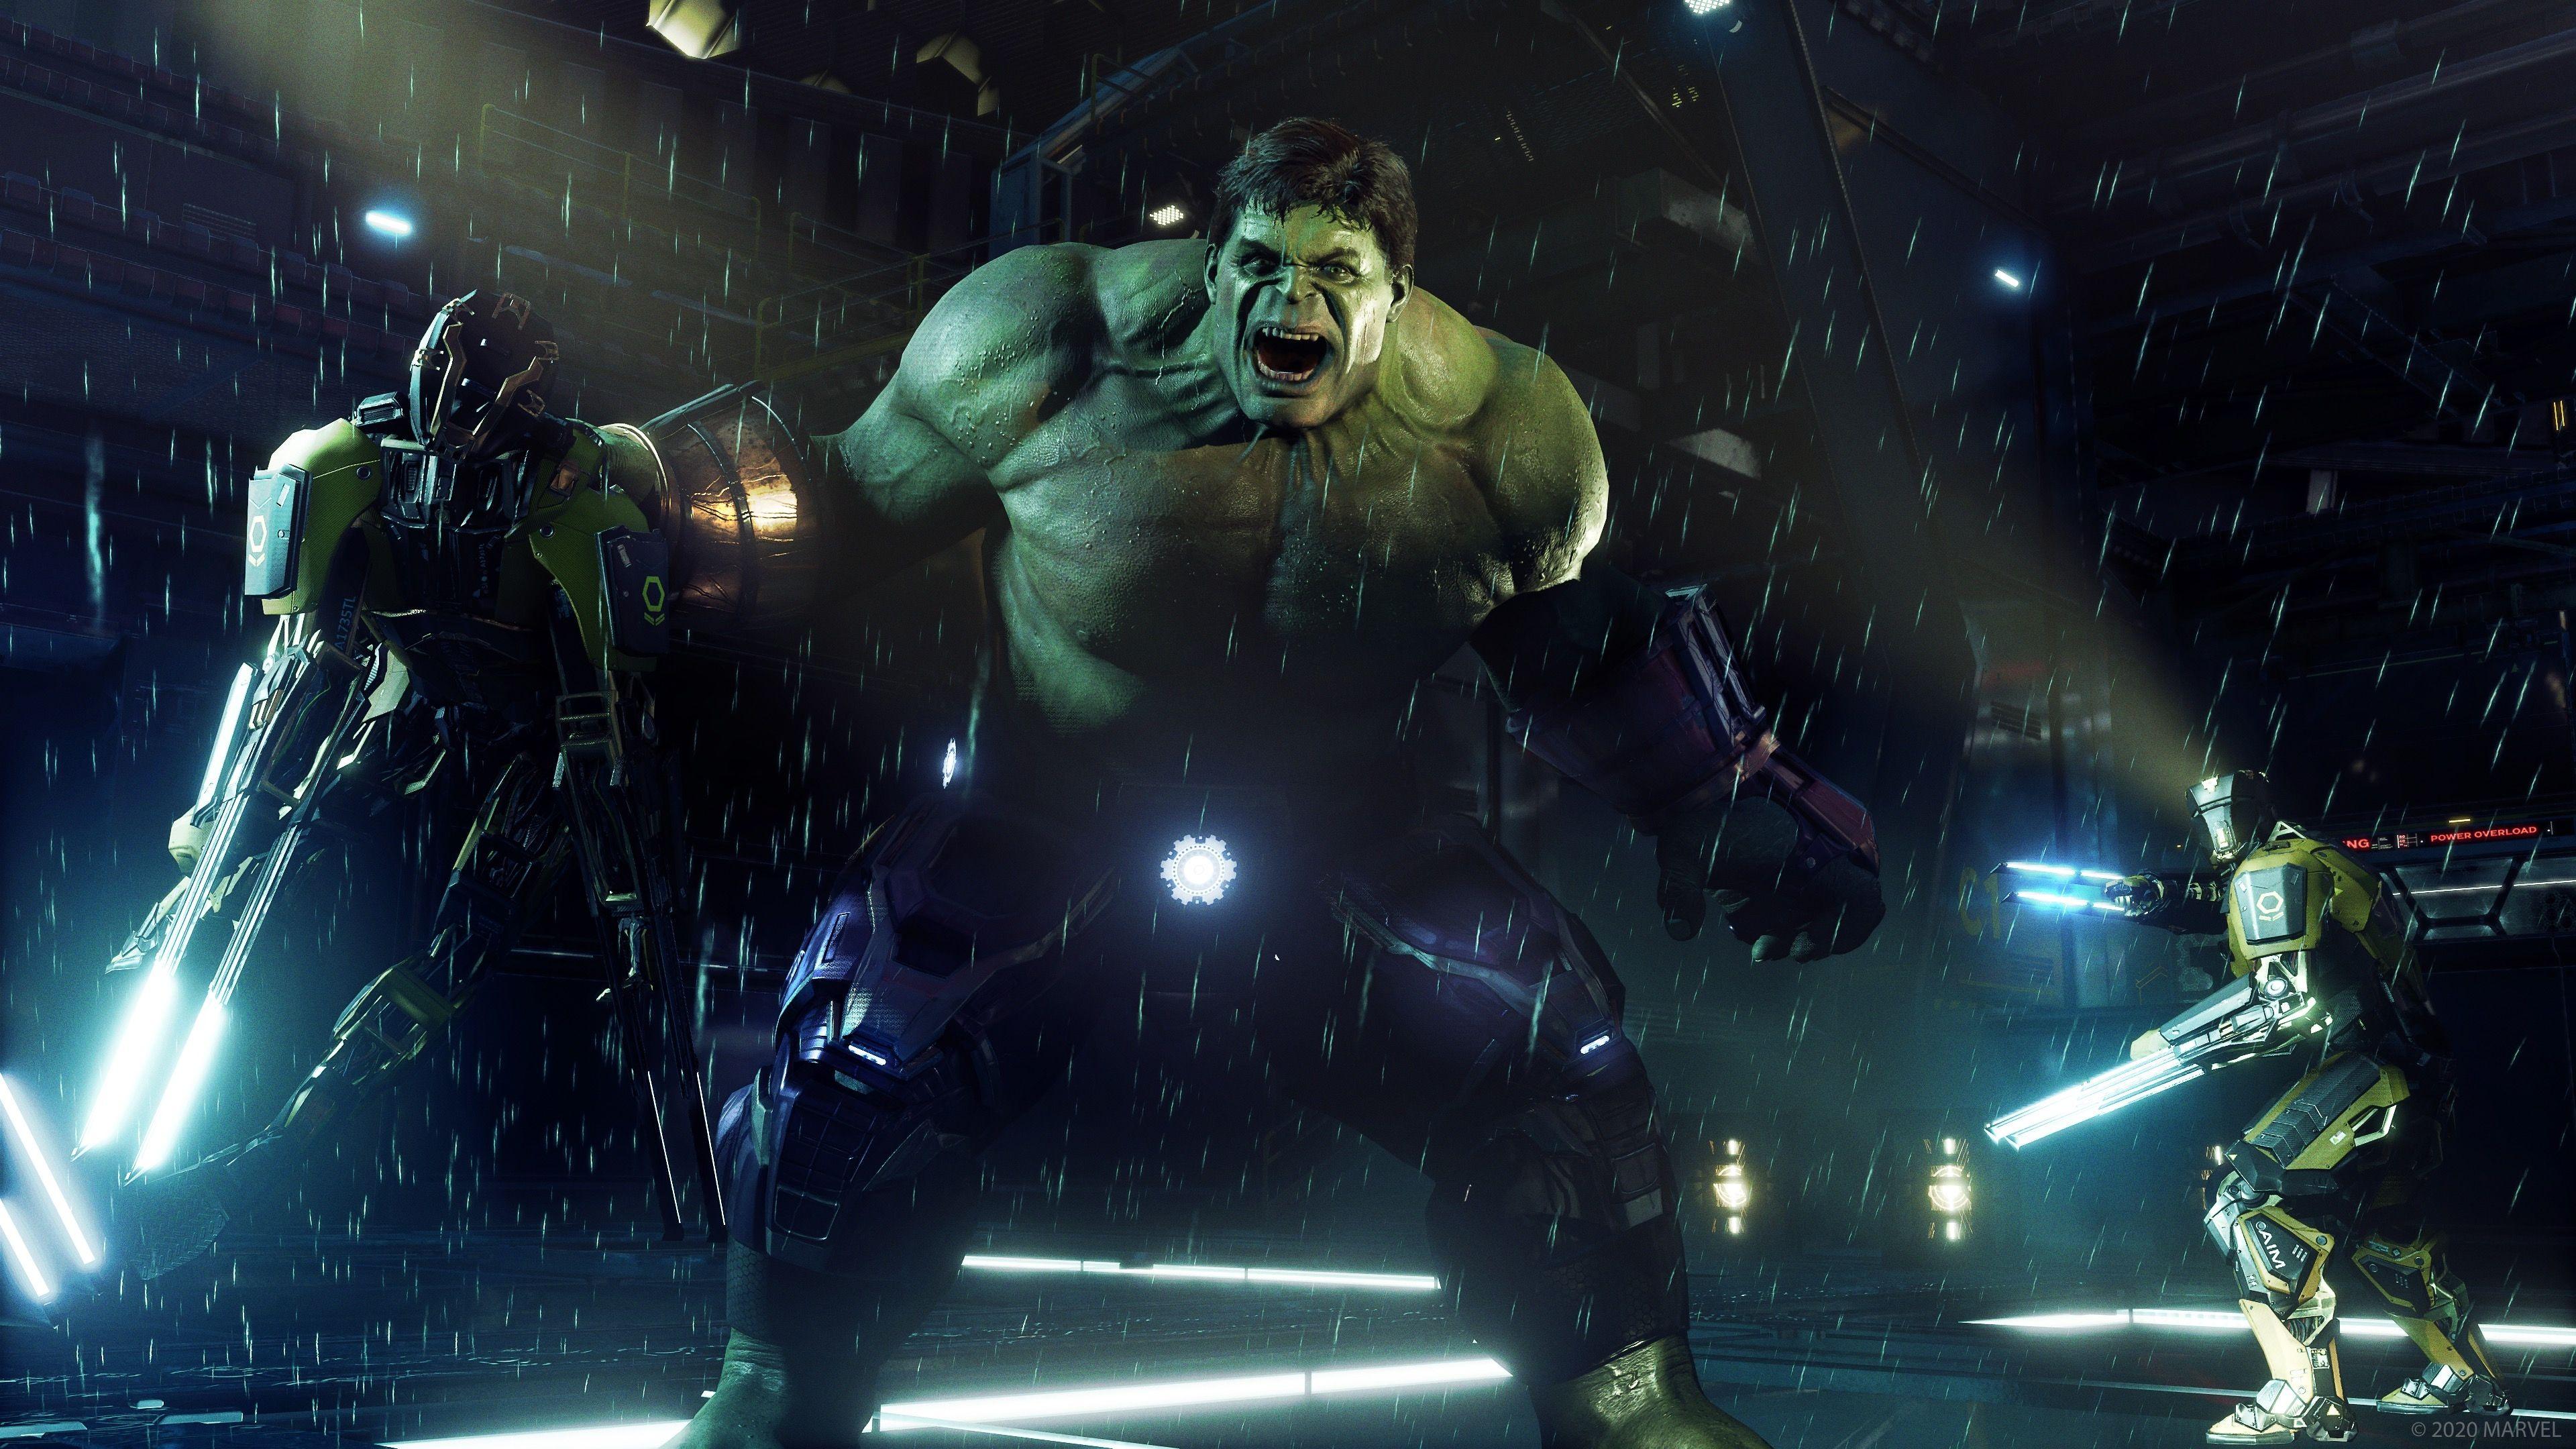 Cool Hulk Game Wallpaper